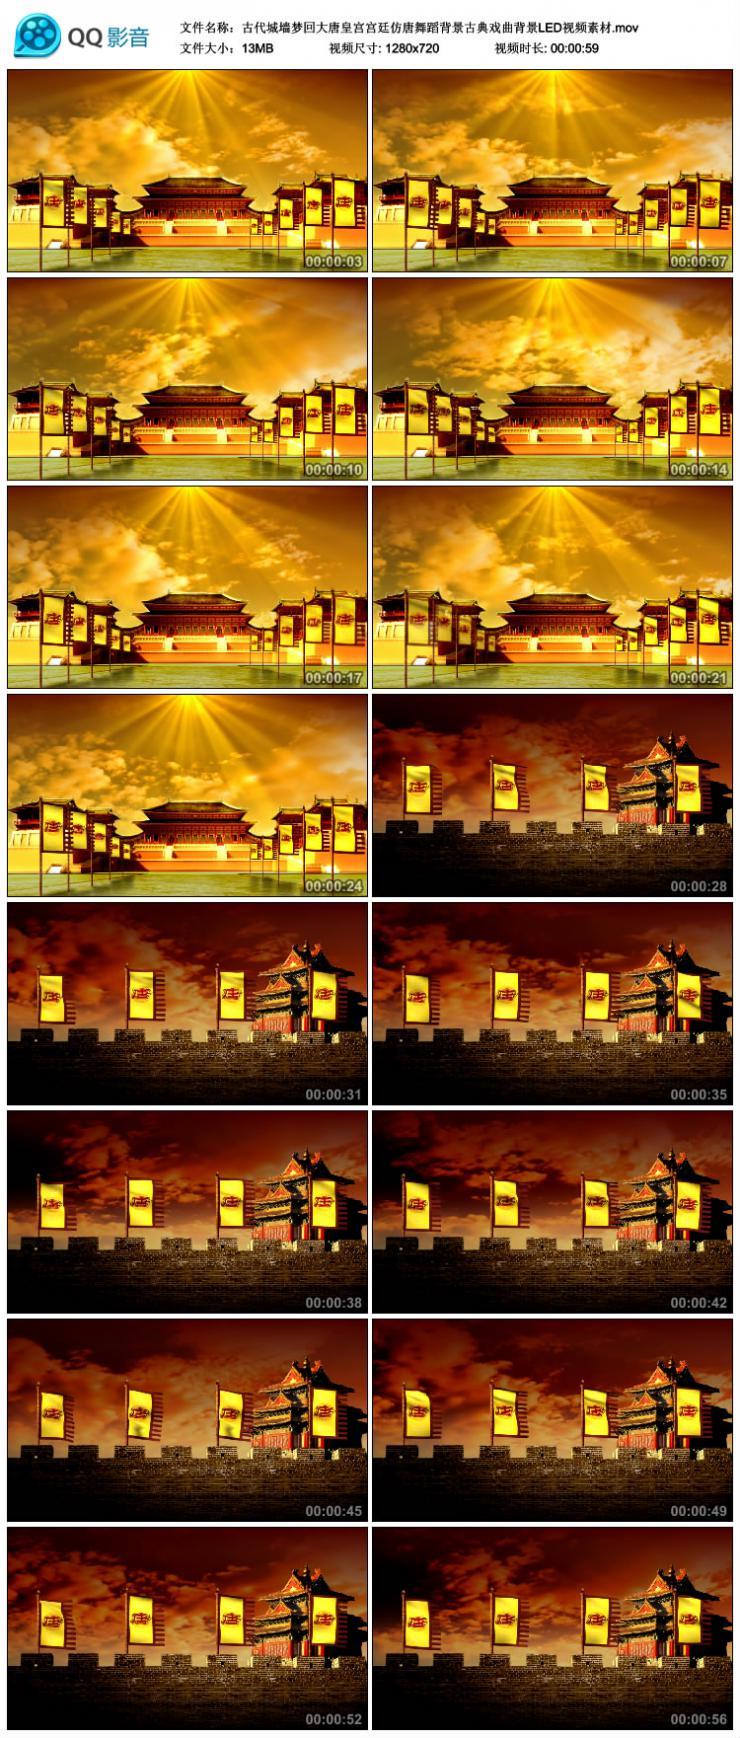 古代城墙梦回大唐皇宫宫廷仿唐舞蹈背景古典戏曲背景LED